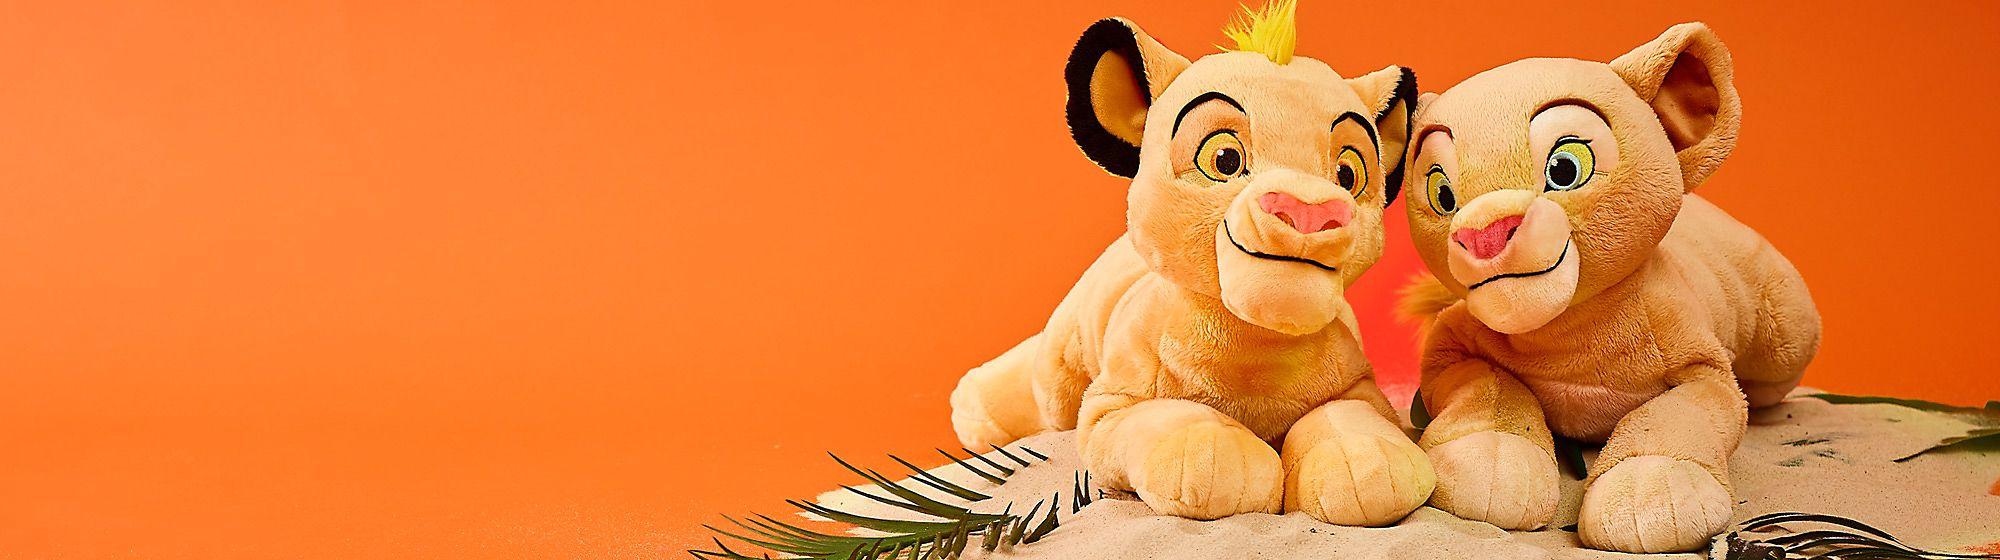 Le Roi Lion Dans la savane, Simba, le Roi Lion veille sur les animaux sauvages et protège son territoire avec Timon, Pumbaa ou encore Nala. DÉCOUVRIR